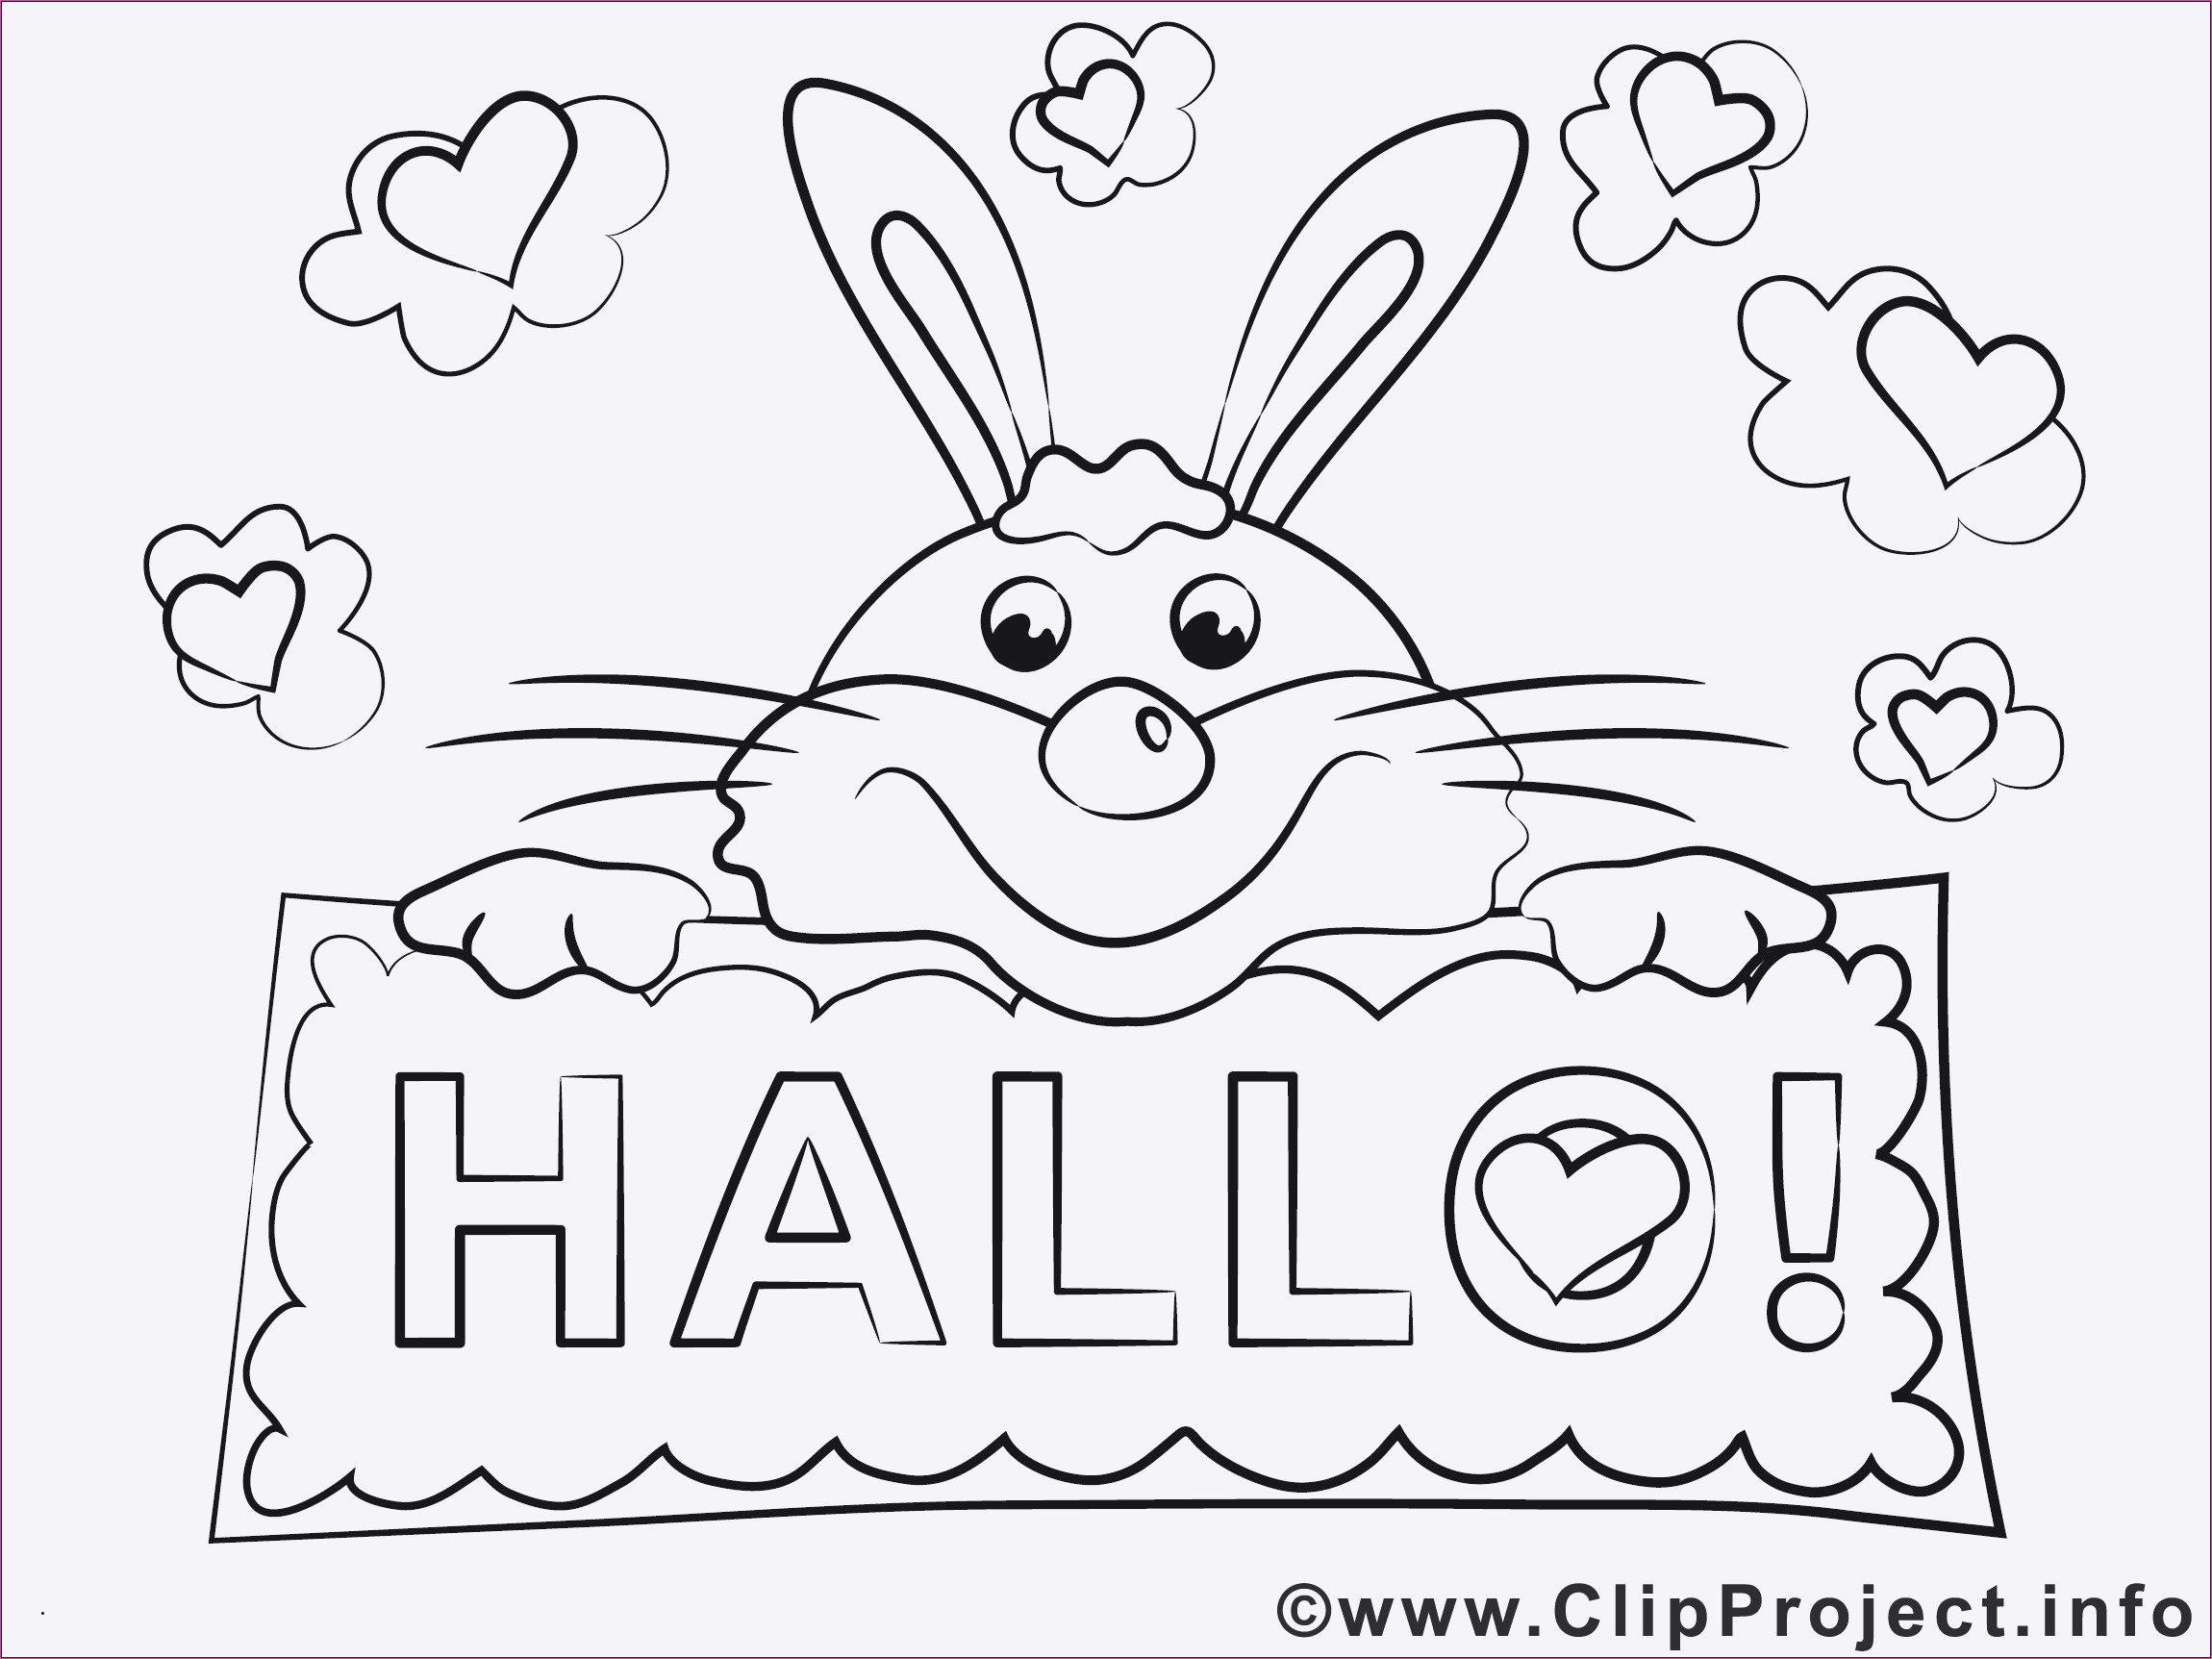 Hasen Bilder Zum Ausdrucken Kostenlos Das Beste Von 52 Idee Kaninchen Ausmalbilder Treehouse Nyc Stock